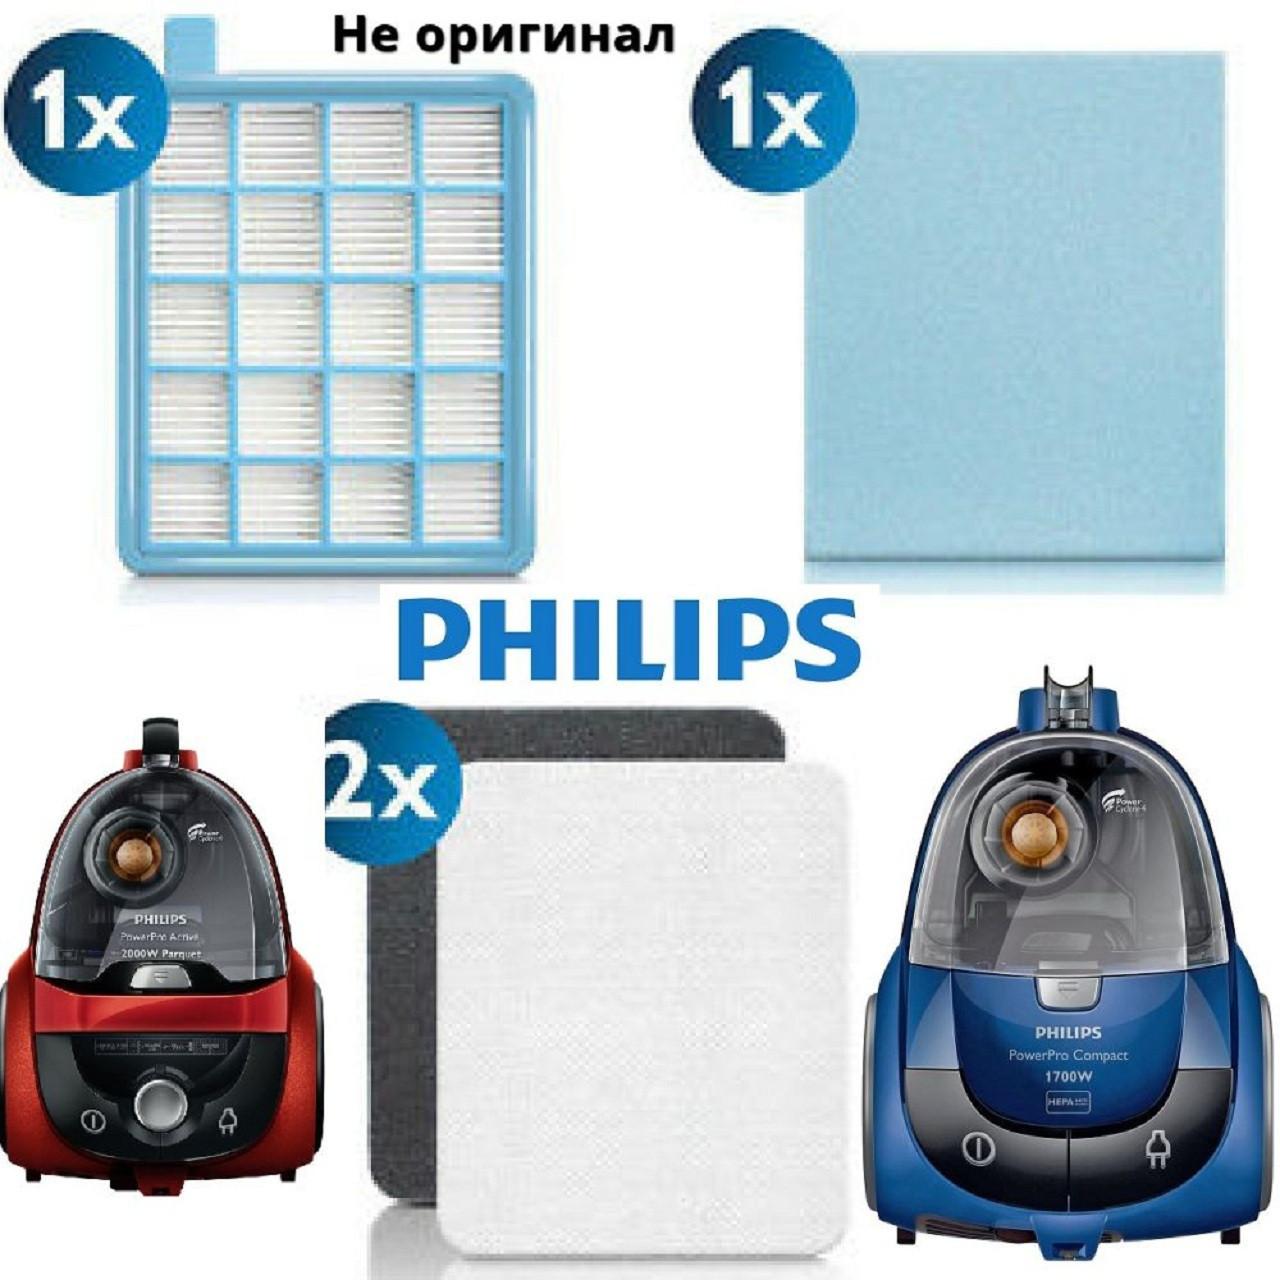 Філіпс ПауэрПро Актив і Компакт (Повер Про Циклон 4) фільтри для пилососів безмешковых циклонних контейнерних